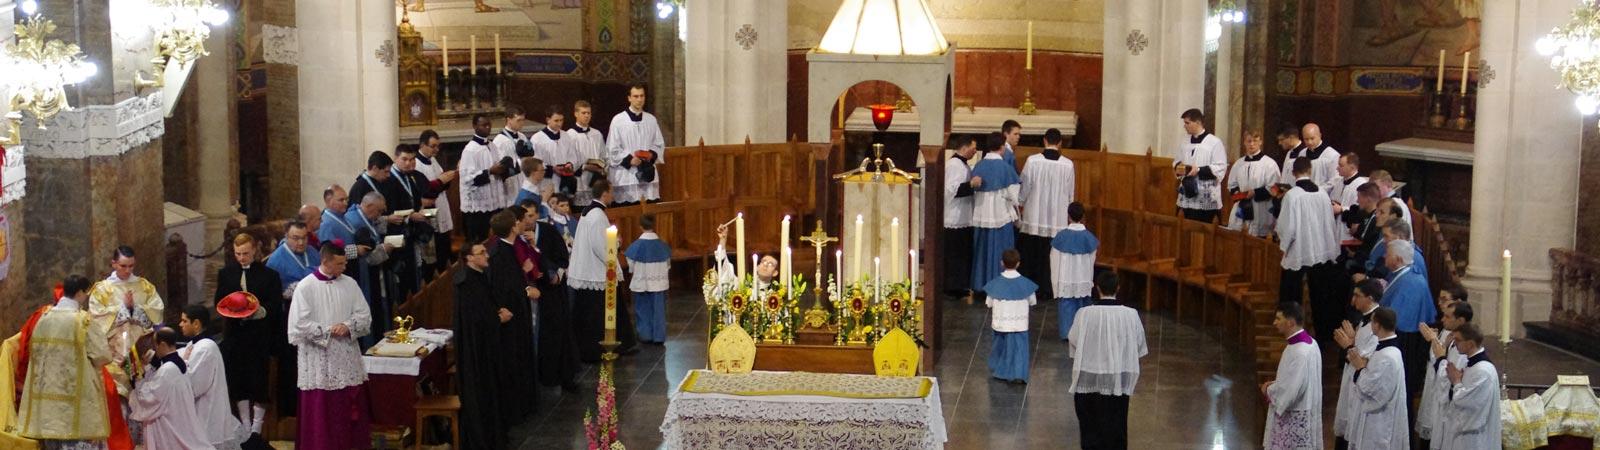 Lourdes-Basilica-del-Rosario-011